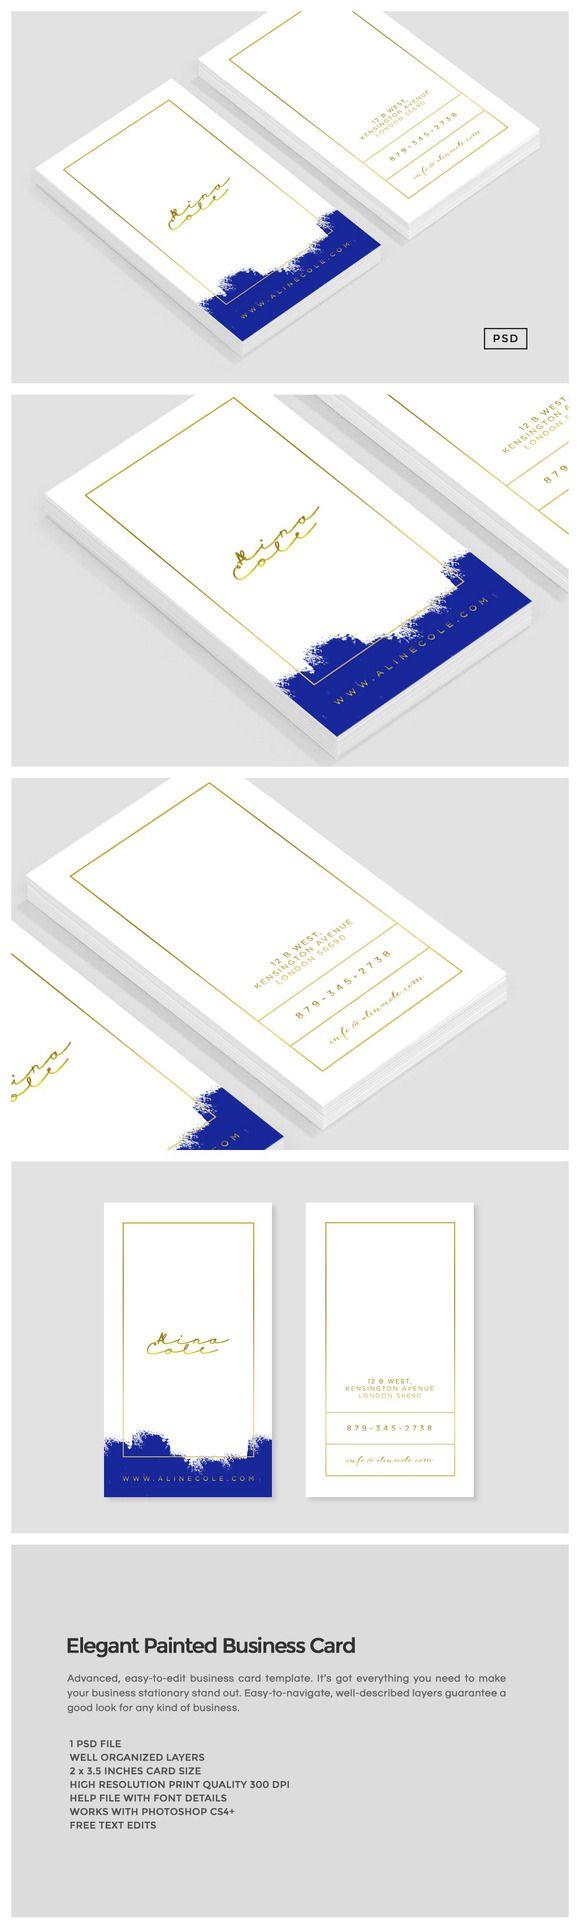 Des cartes de visites élégantes : bleu et or.  Template à acheter et personnaliser soi-même facilement avec Photoshop. ___ Elegant Painted Business Card by Design Co. on Creative Market